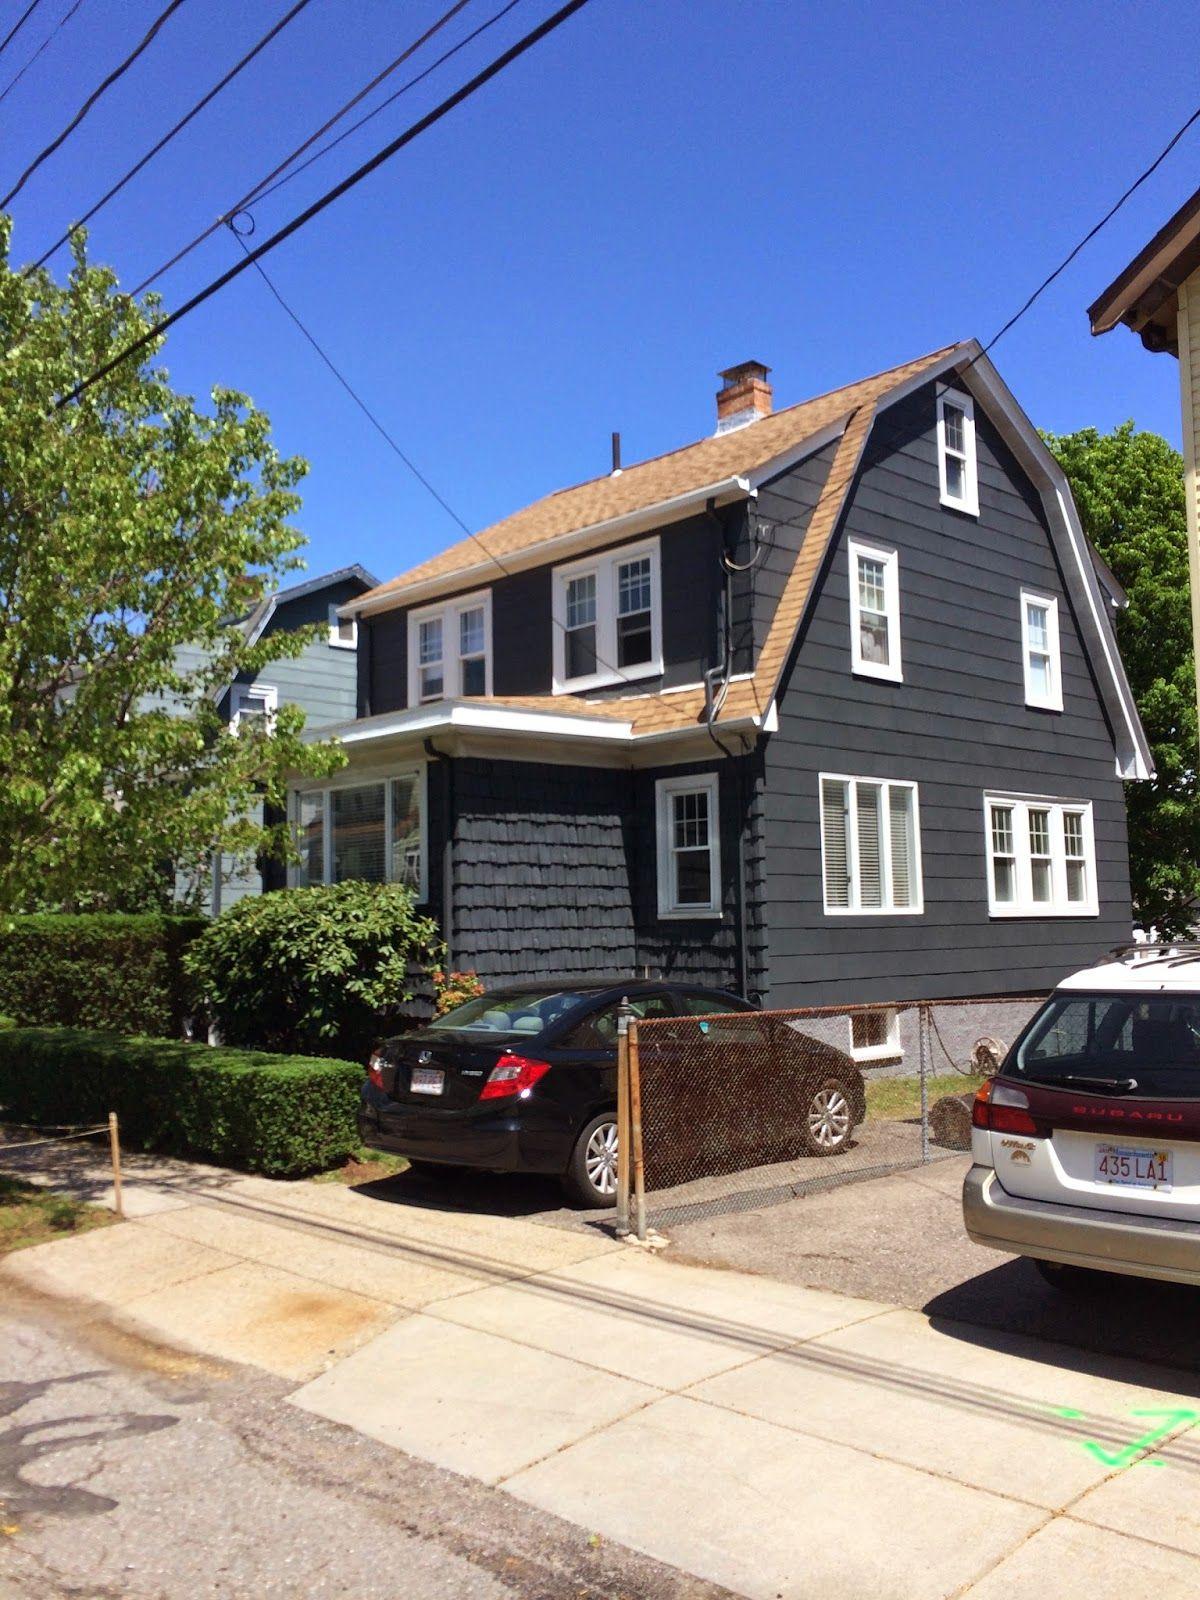 westcott navy benjamin moore house exterior blue on benjamin moore paint exterior colors id=42100